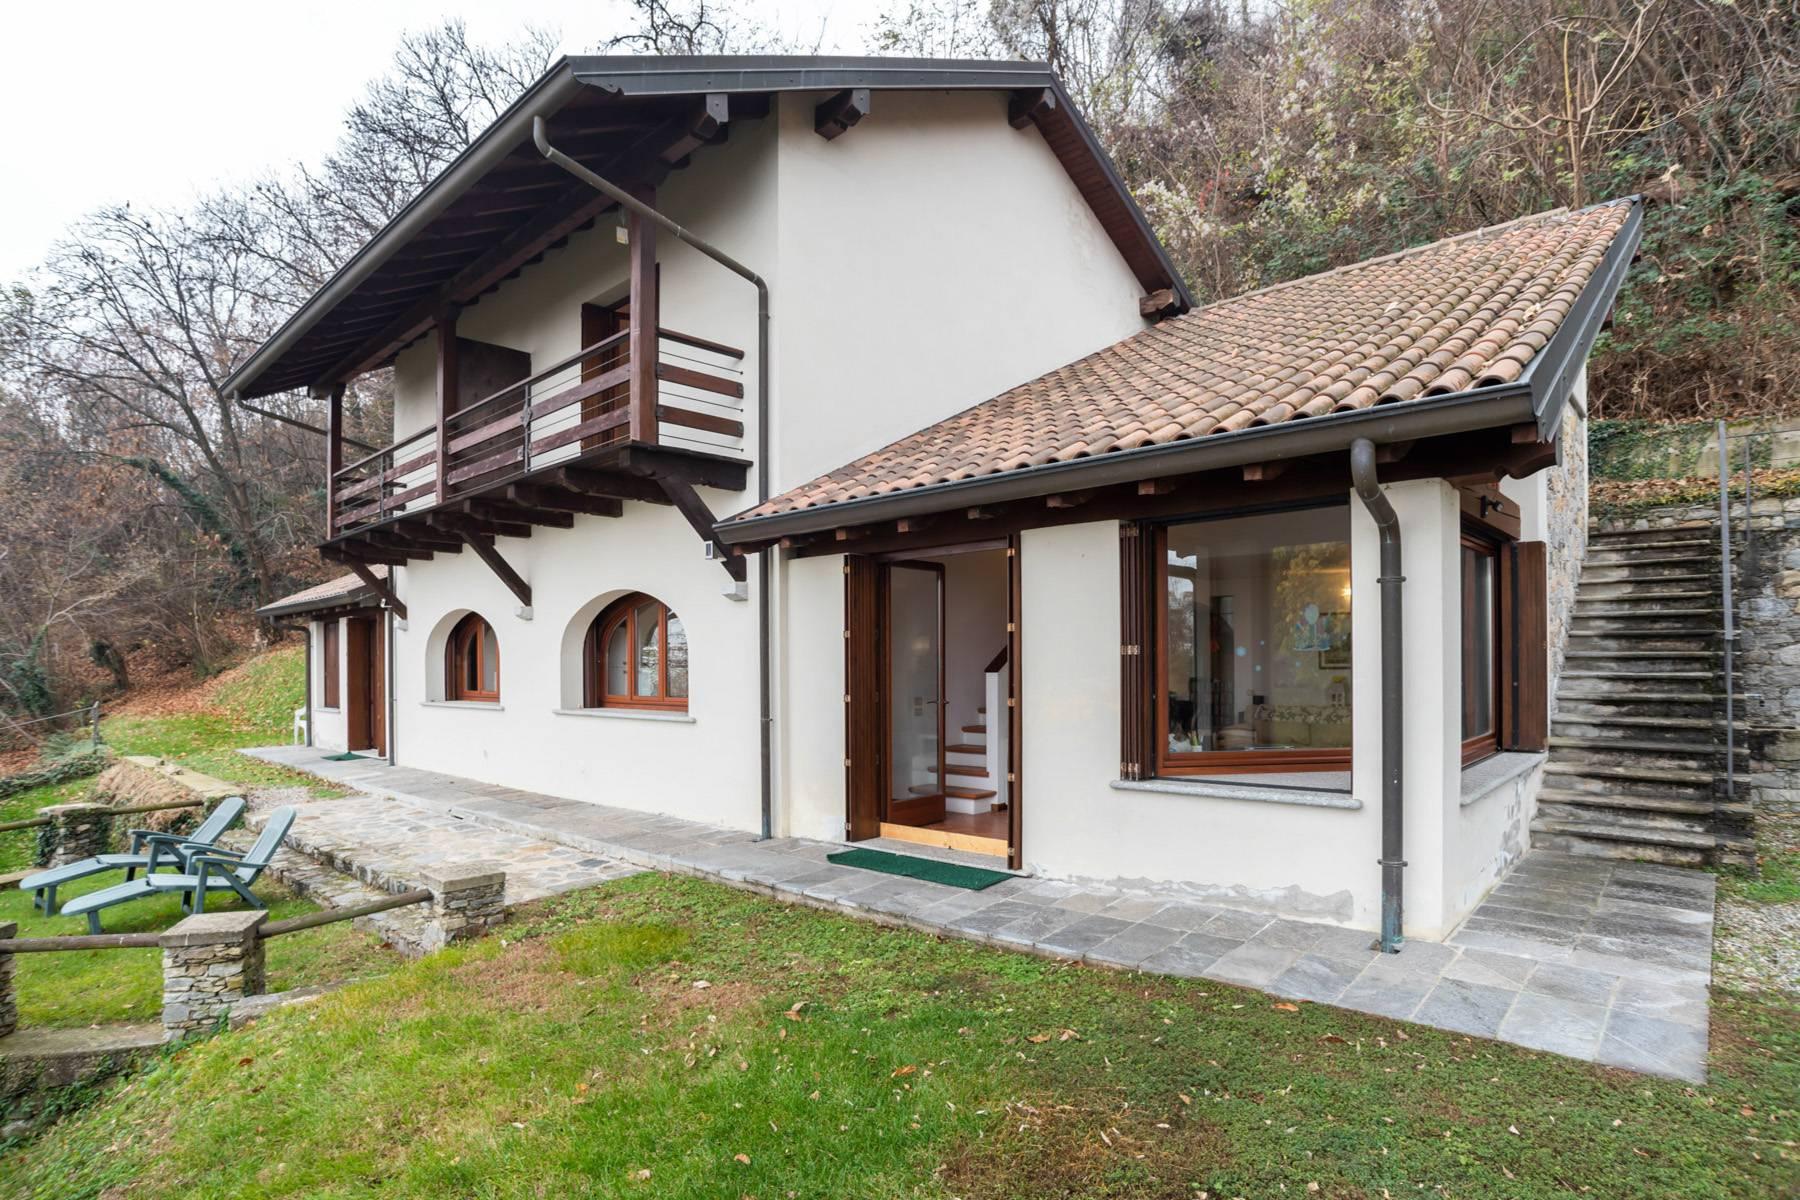 Villa in Vendita a Massino Visconti: 5 locali, 200 mq - Foto 3